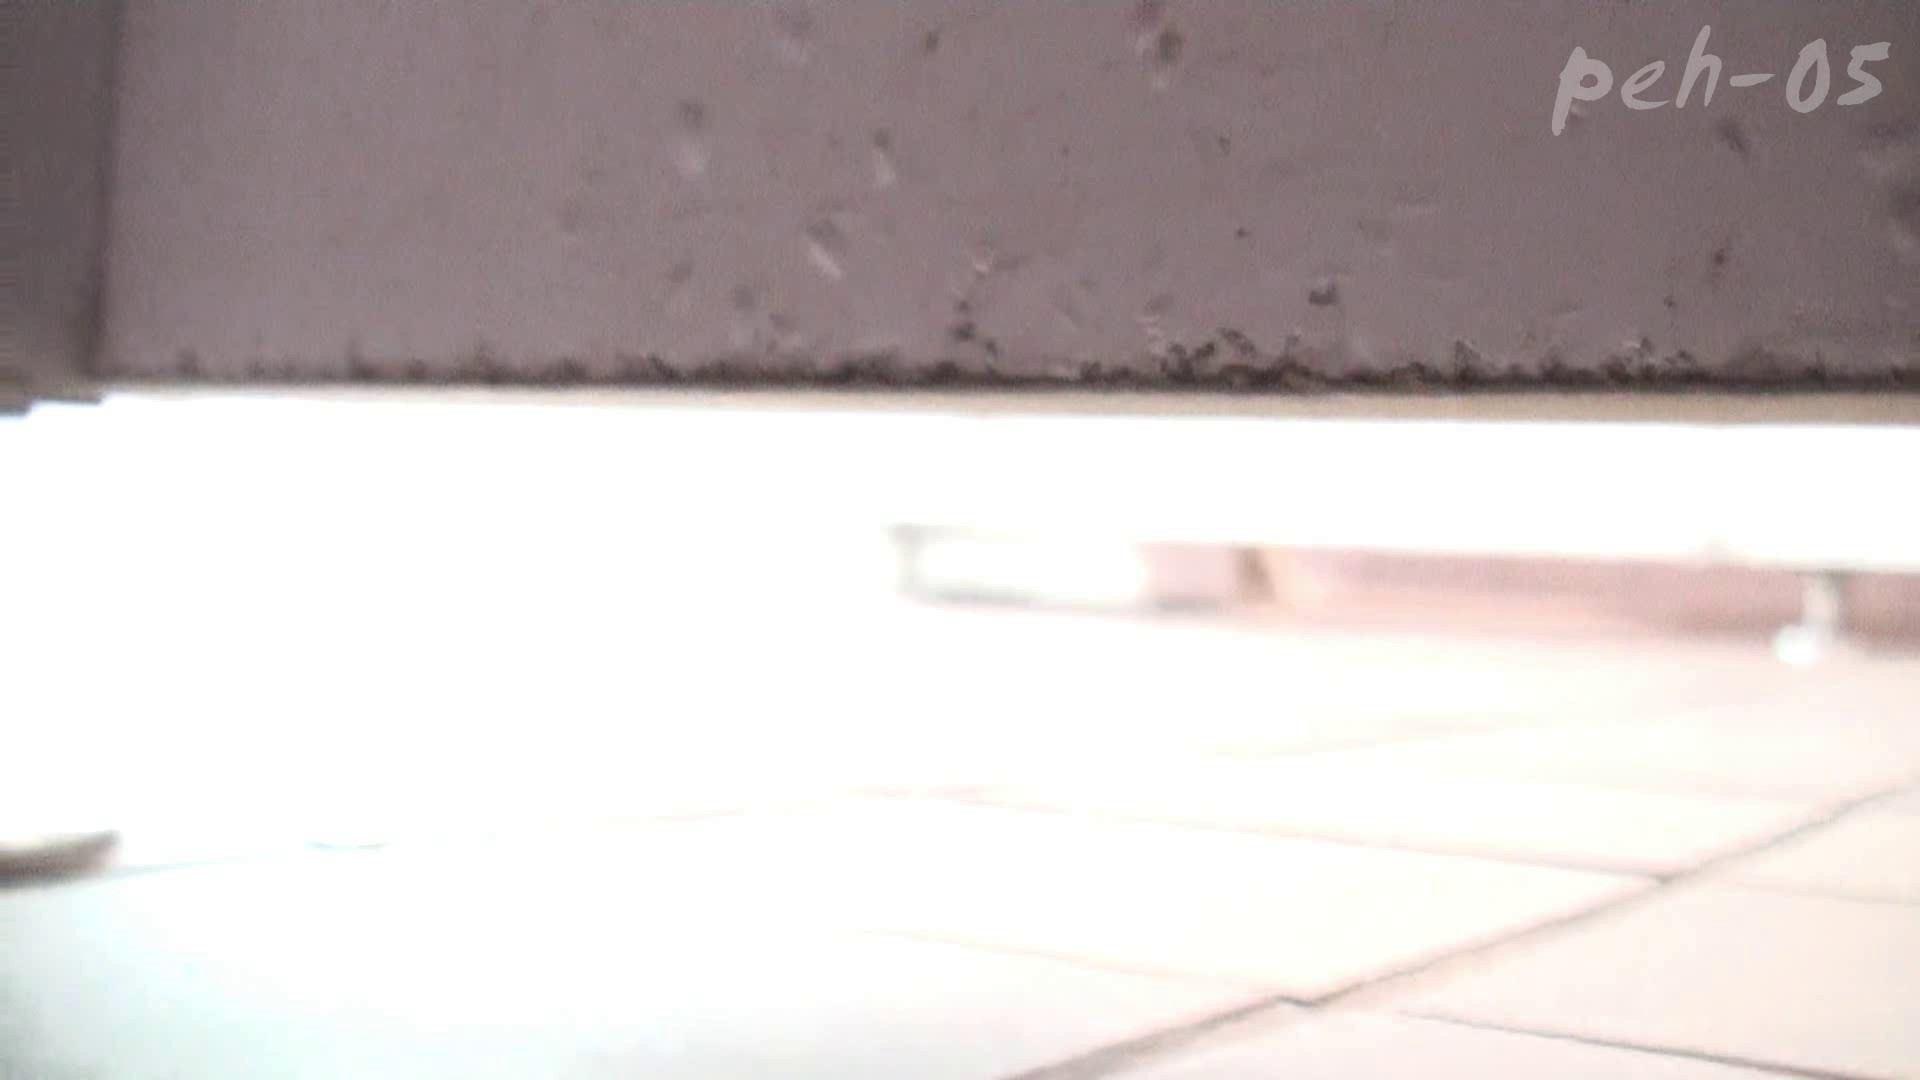 ※100個限定販売 至高下半身盗撮 プレミアム Vol.5 ハイビジョン 盗撮  92pic 44